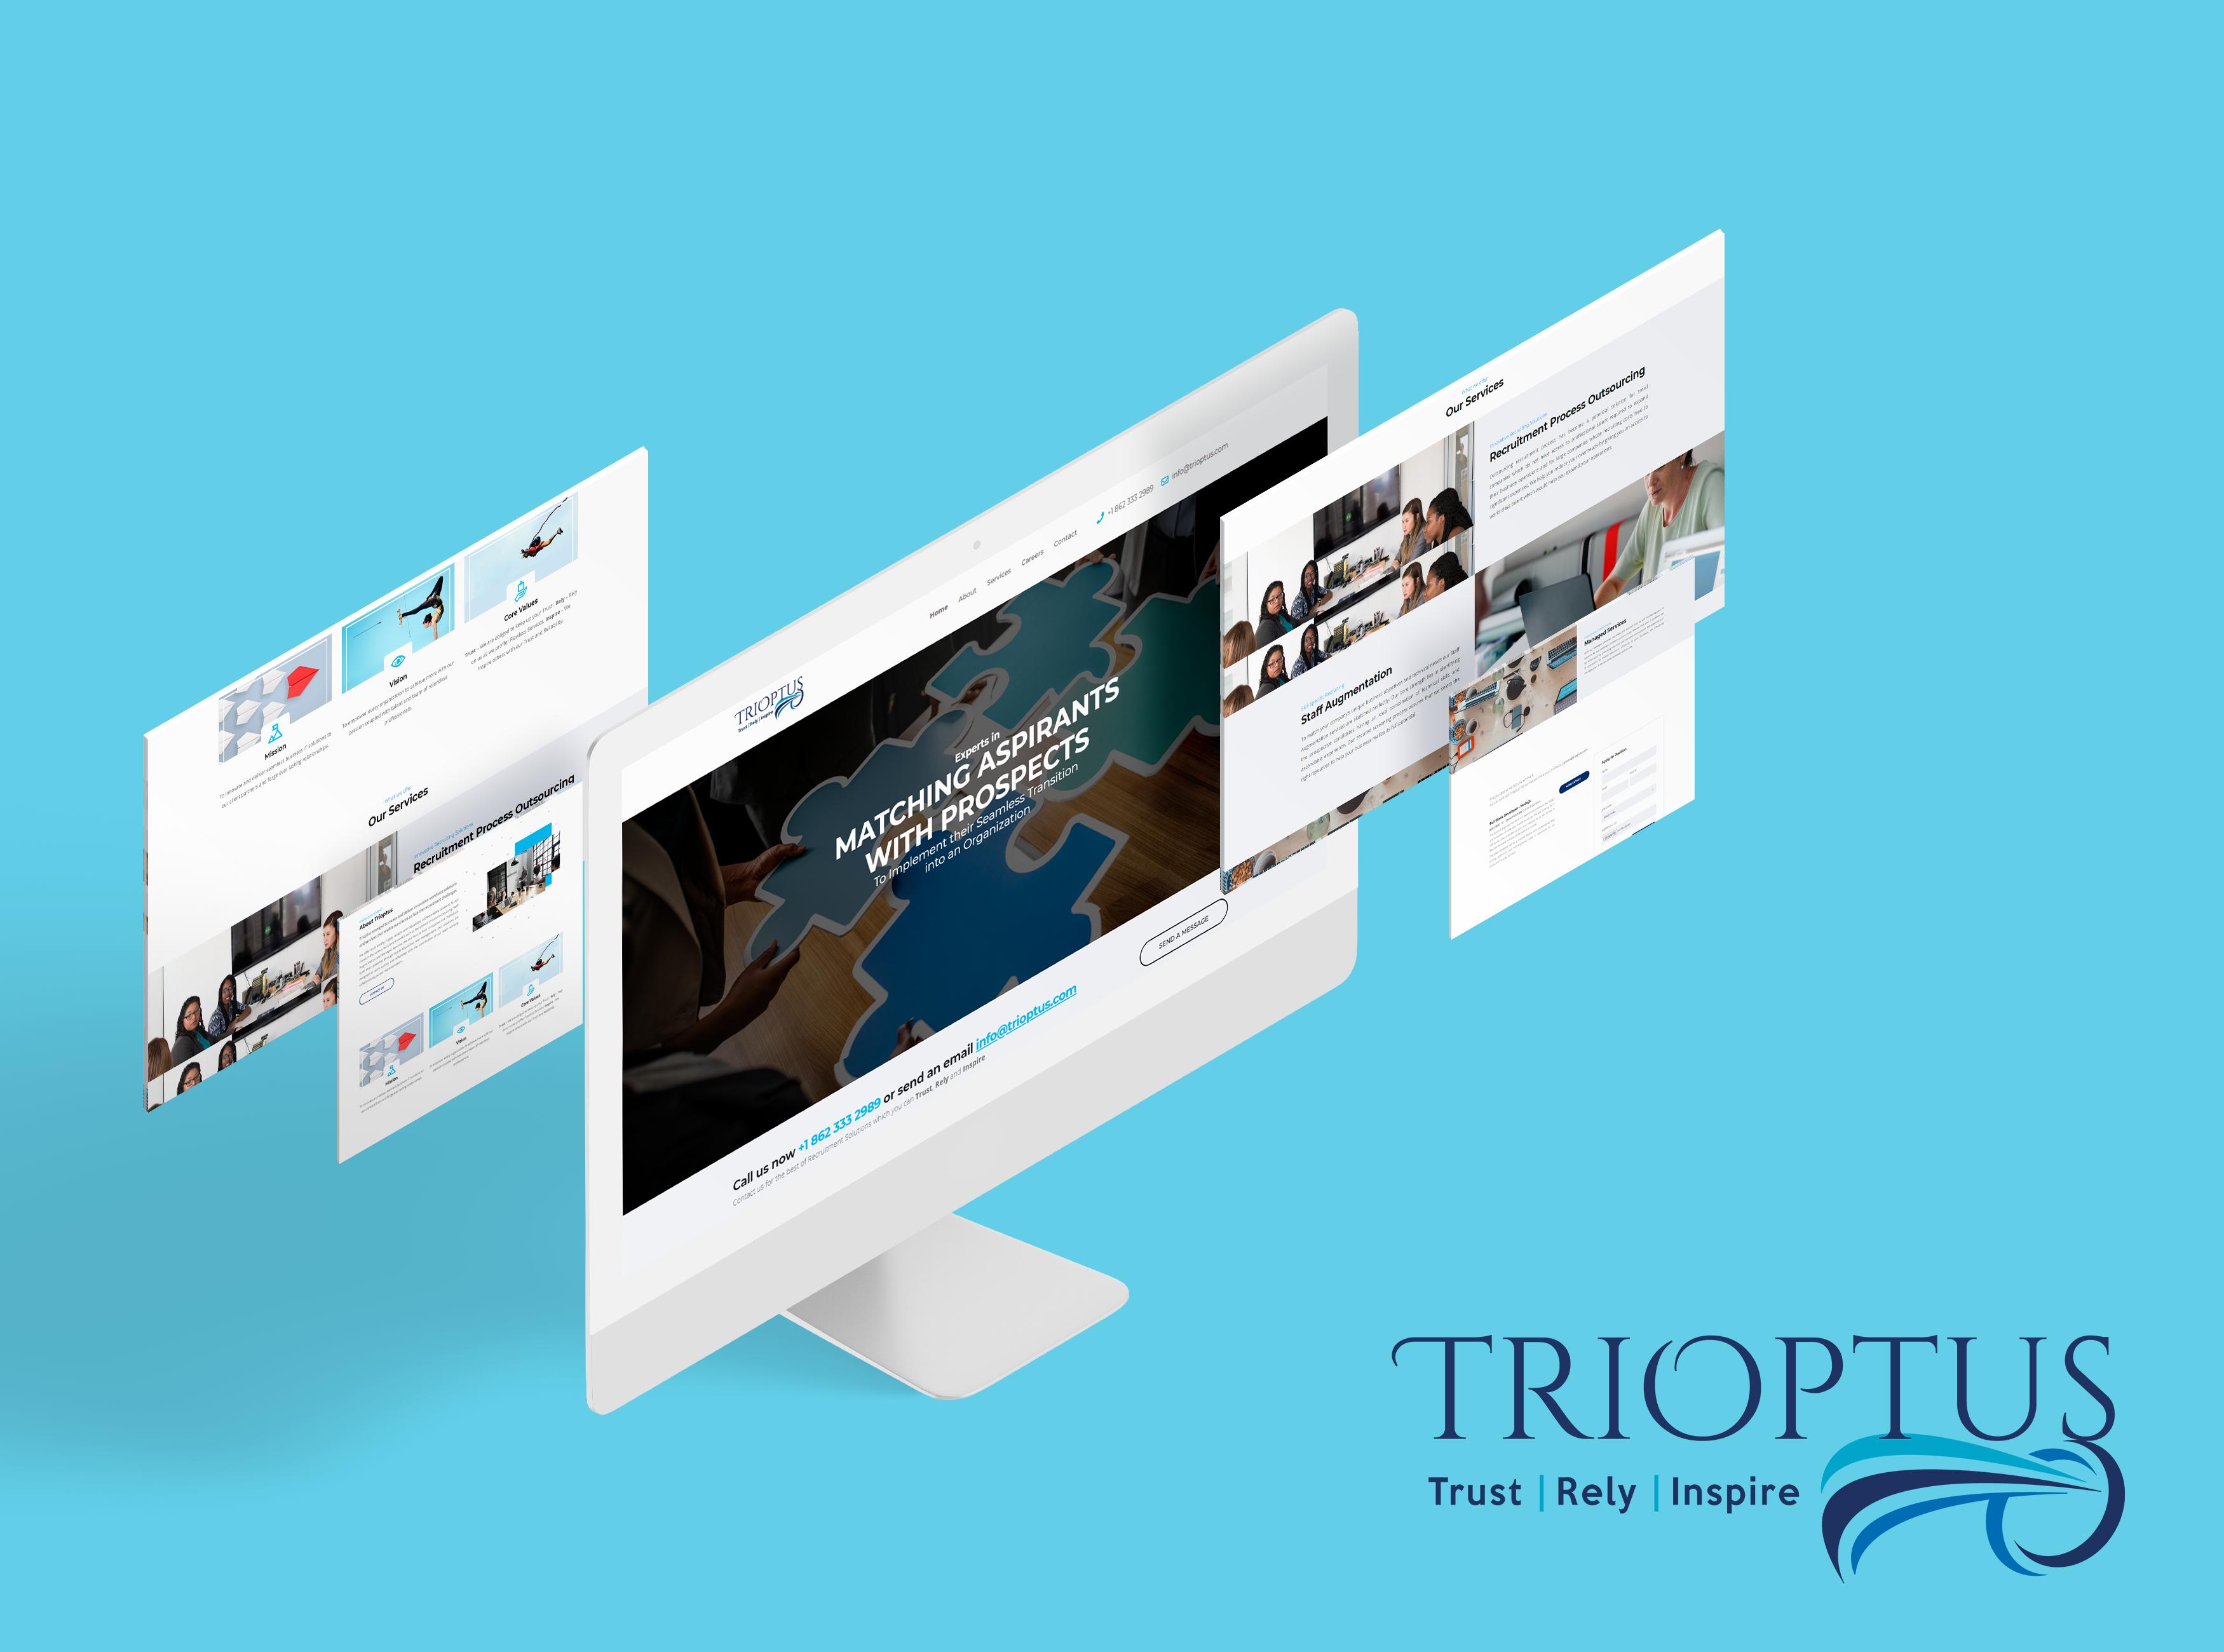 Our New Website Design For Trioptus Client Webdesign Design Website Blog Webs Professional Website Design Website Design Company Web Development Design